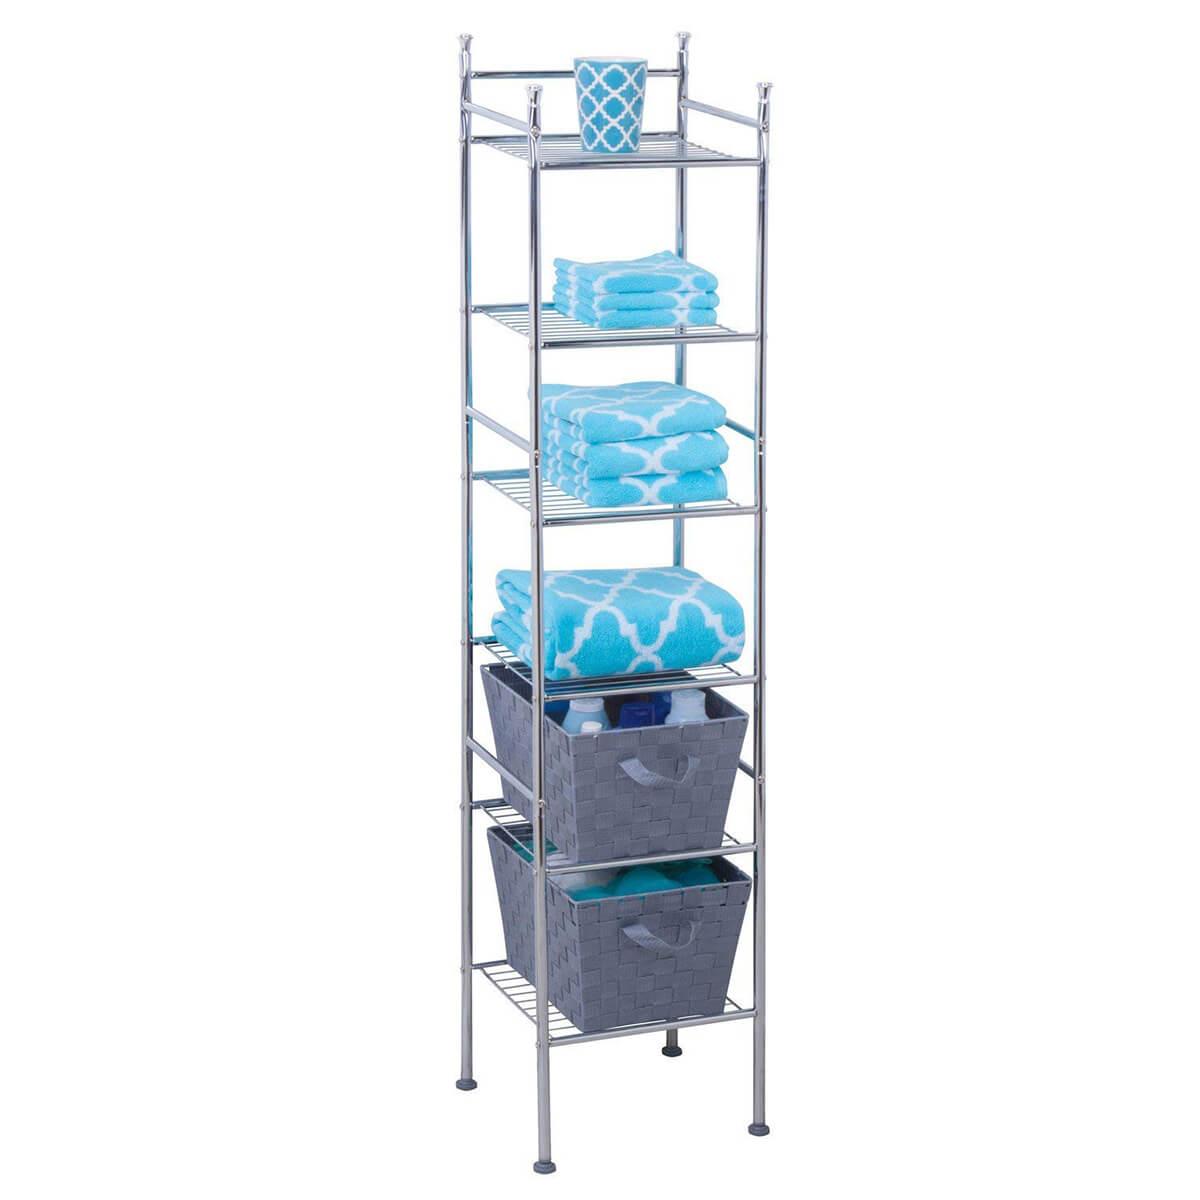 Предметы декора для функциональной организации ванной комнаты фото 7